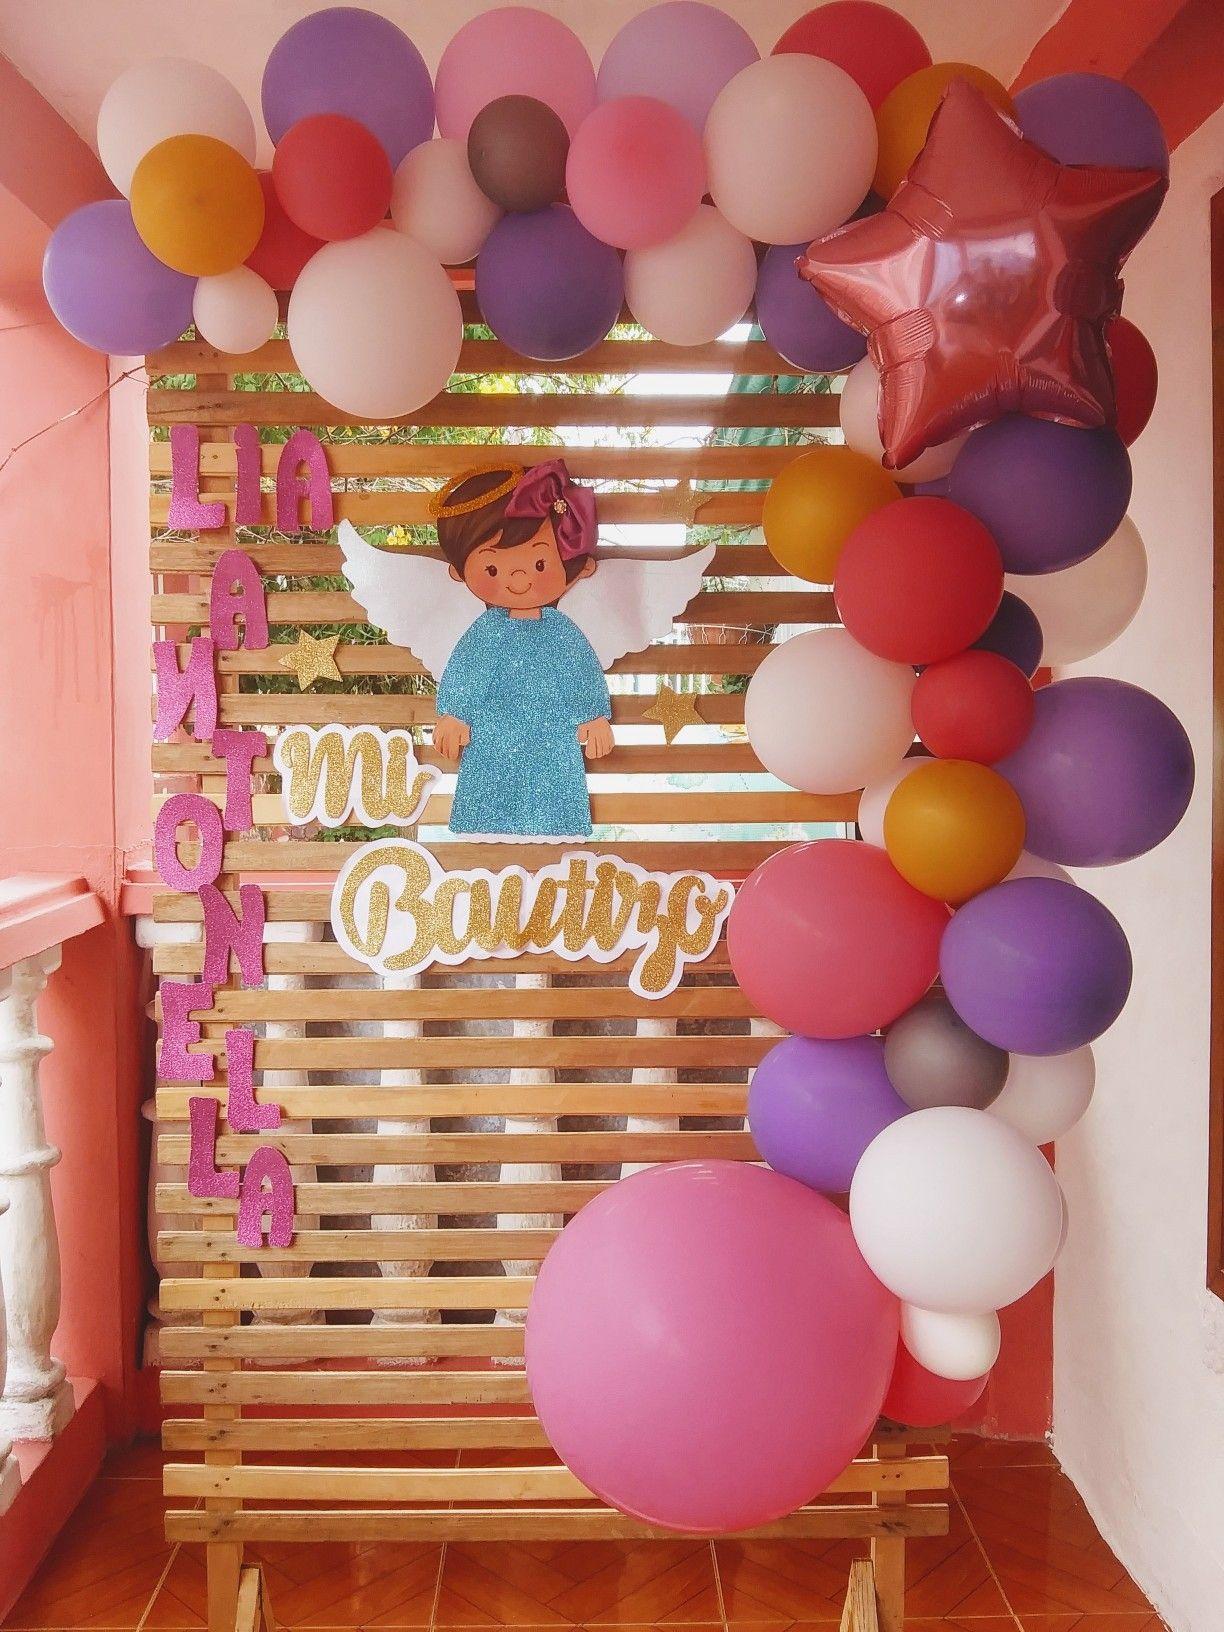 Pin de Livis Carrillo en Decoraciónes de fiestas (con